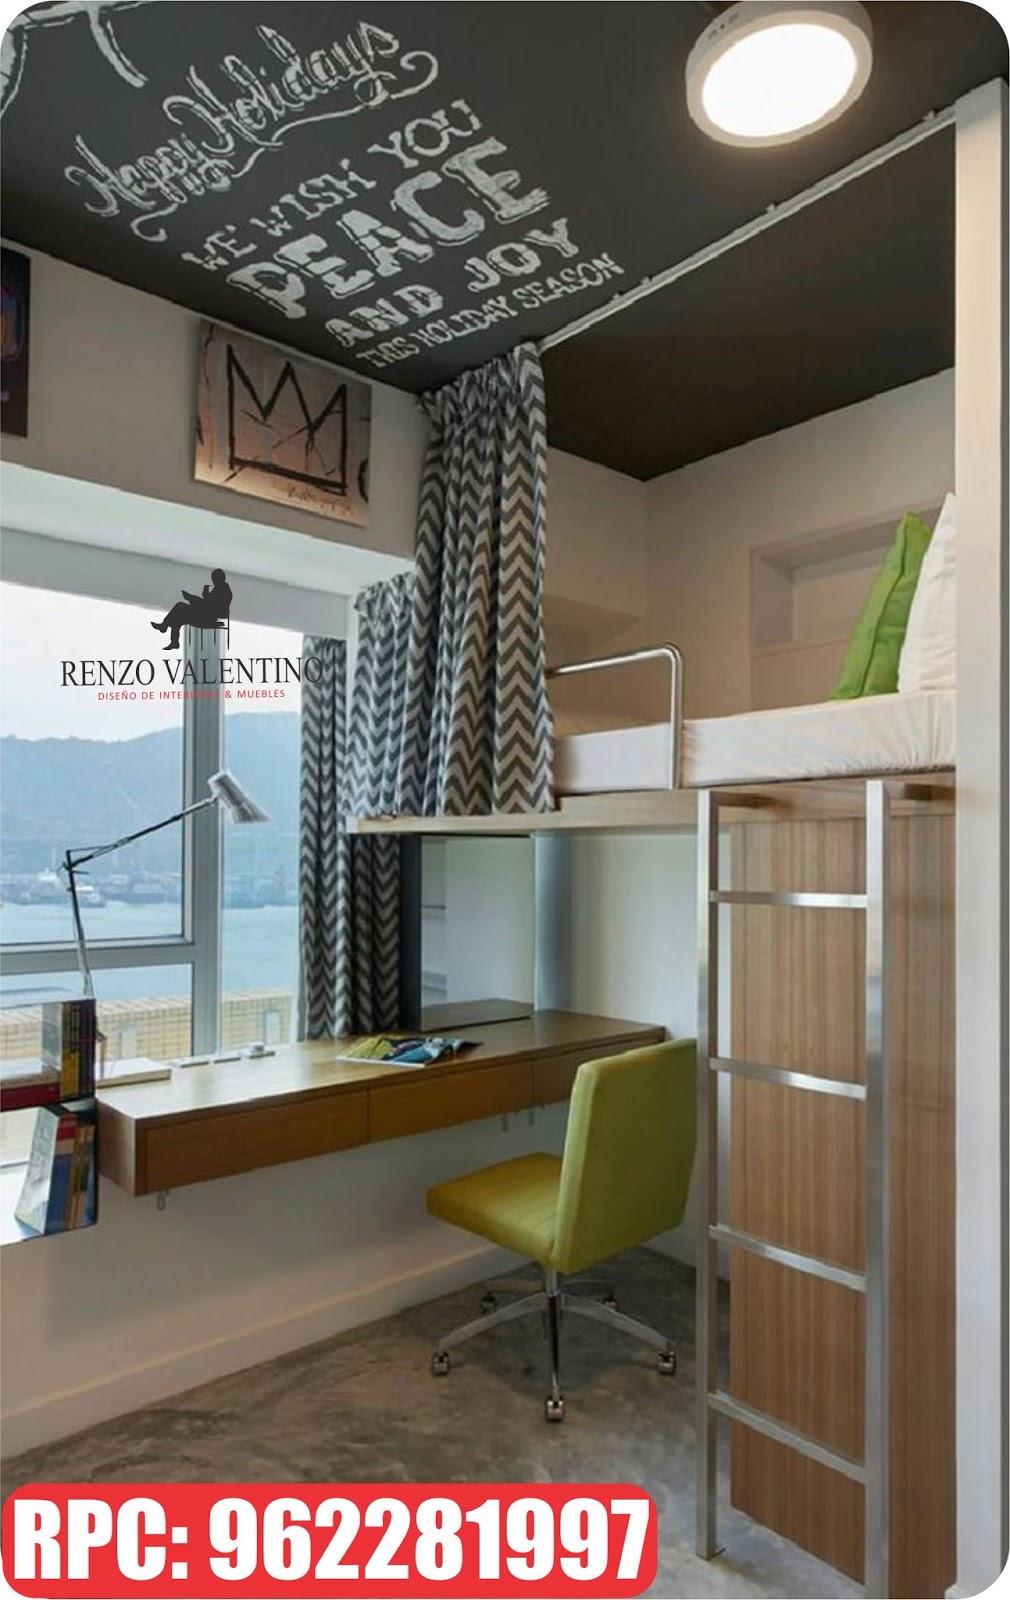 Dise os fabricacion de closet cocina y muebles de oficina for Muebles de oficina juveniles